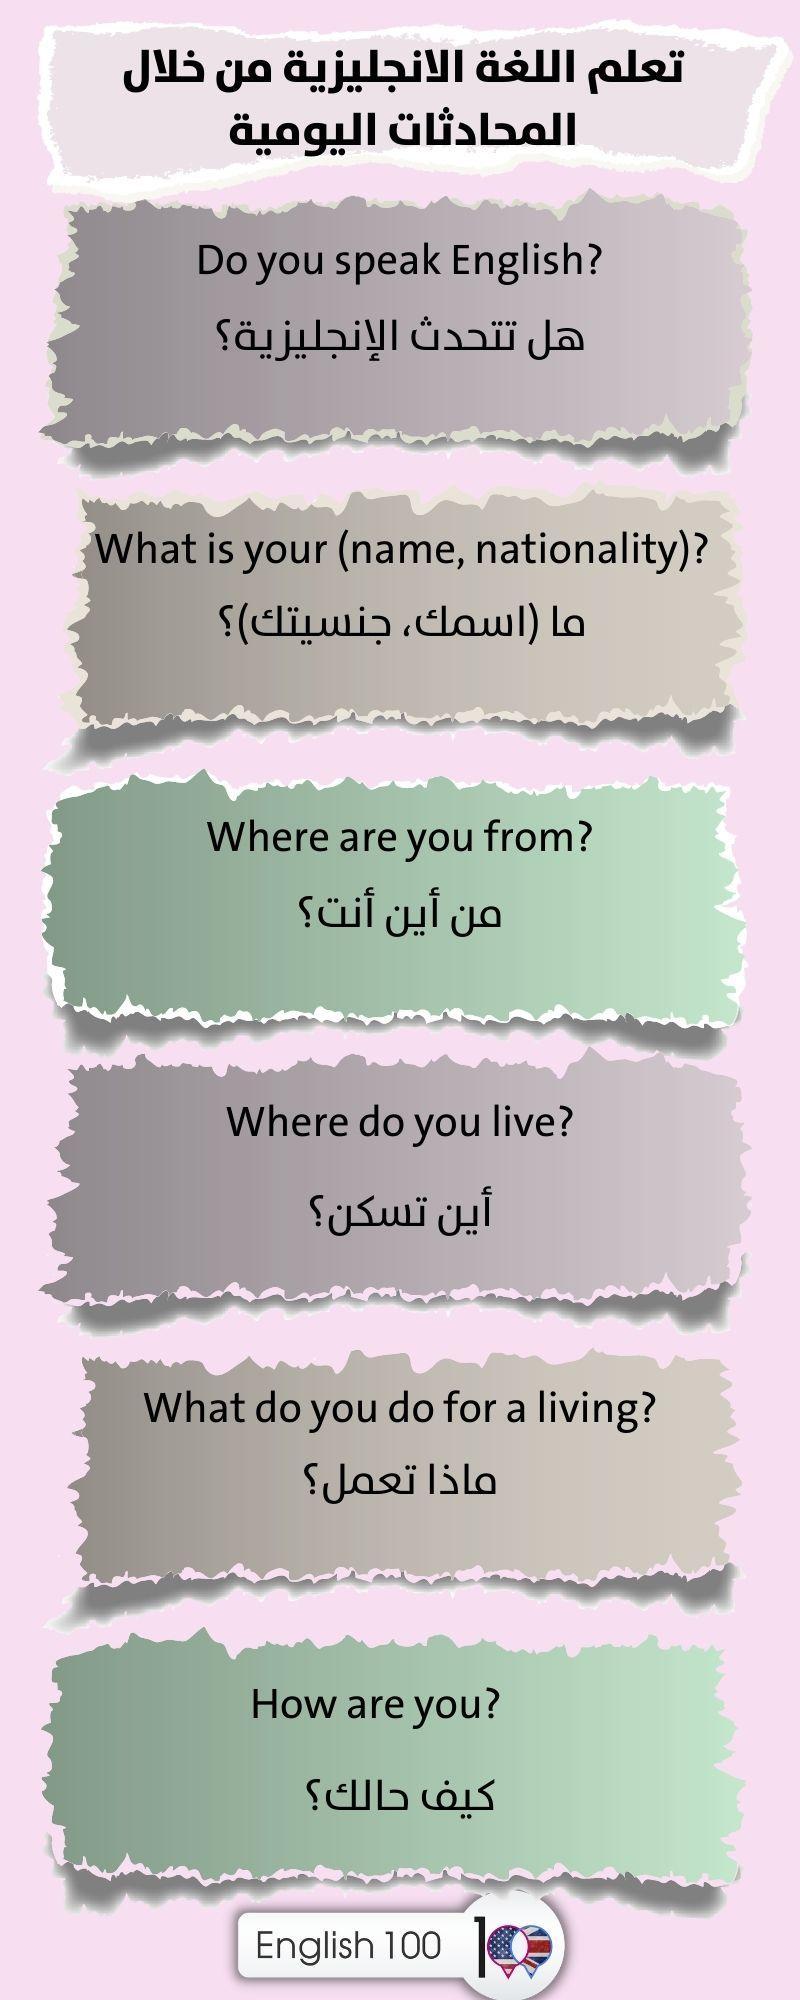 تعلم اللغة الانجليزية من خلال المحادثات اليومية Learn English through daily conversations